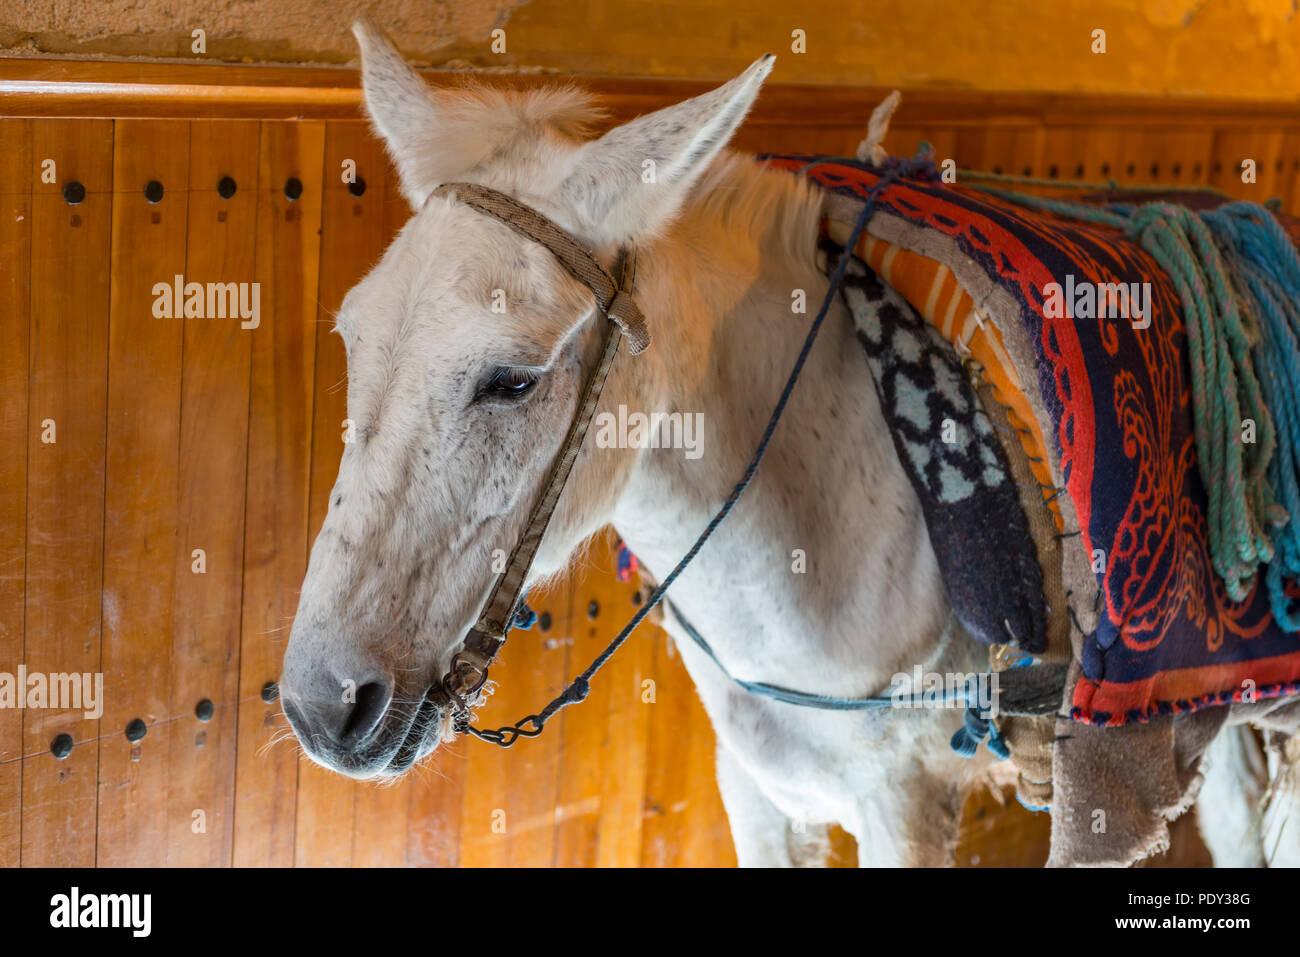 White donkey with colorful saddle, Fez medina, Fes, Morocco - Stock Image